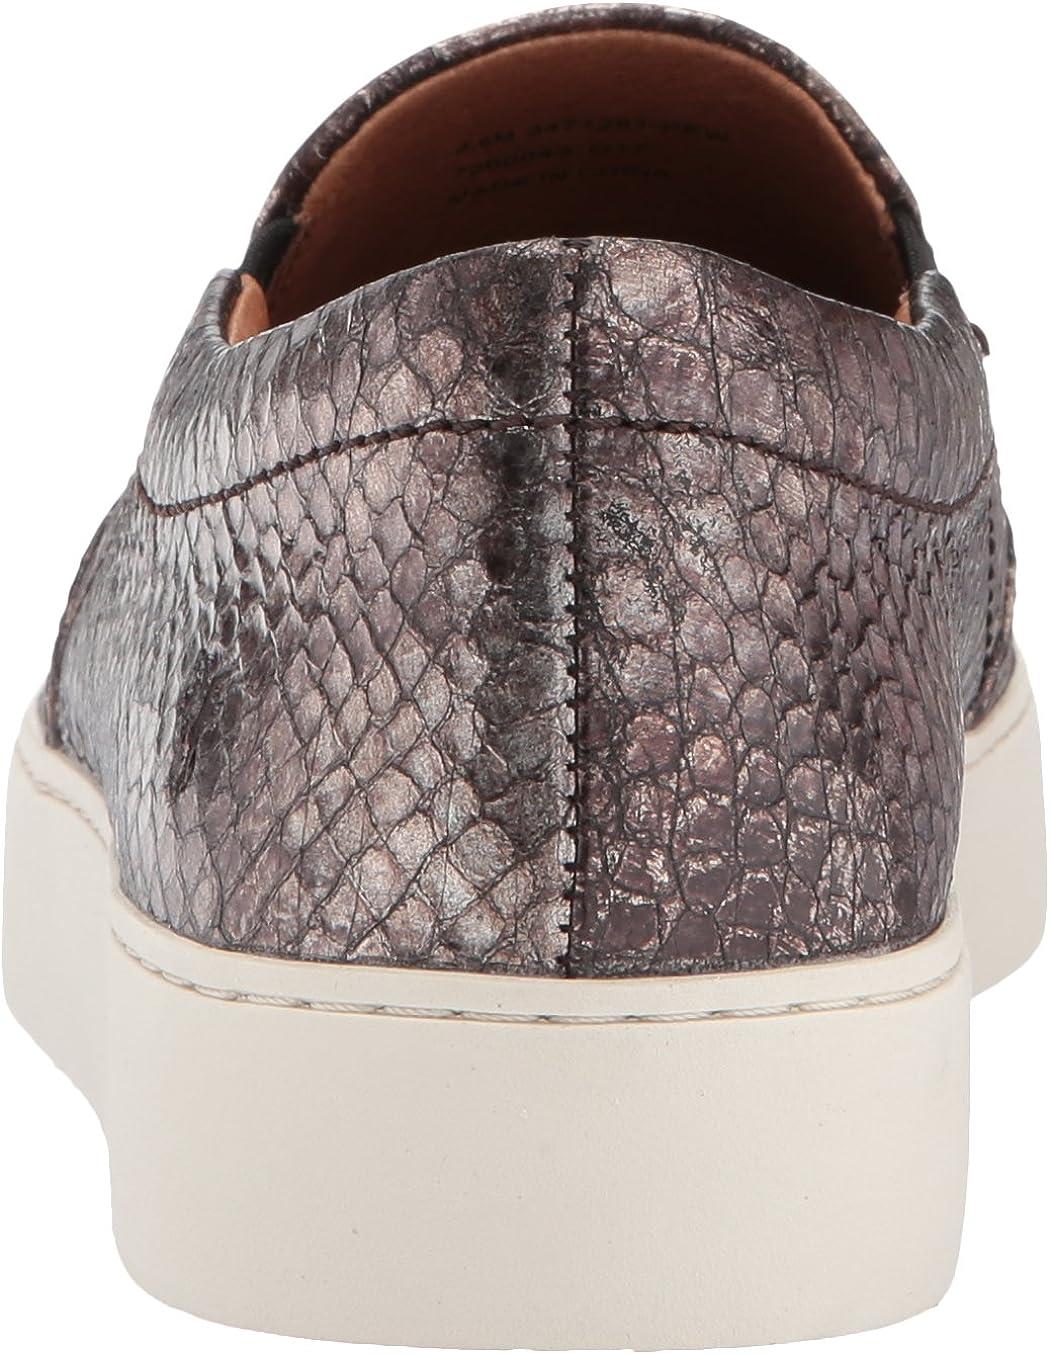 Frye Womens Lena Slip on Fashion Sneaker